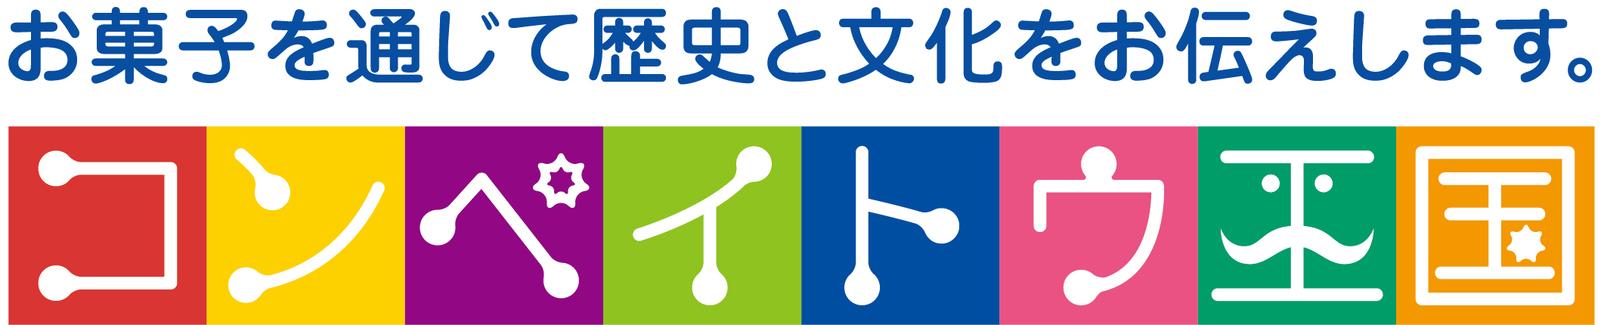 金平糖の通販・ギフト|コンペイトウ王国 オンラインショップ/コンペイトウ屋さん